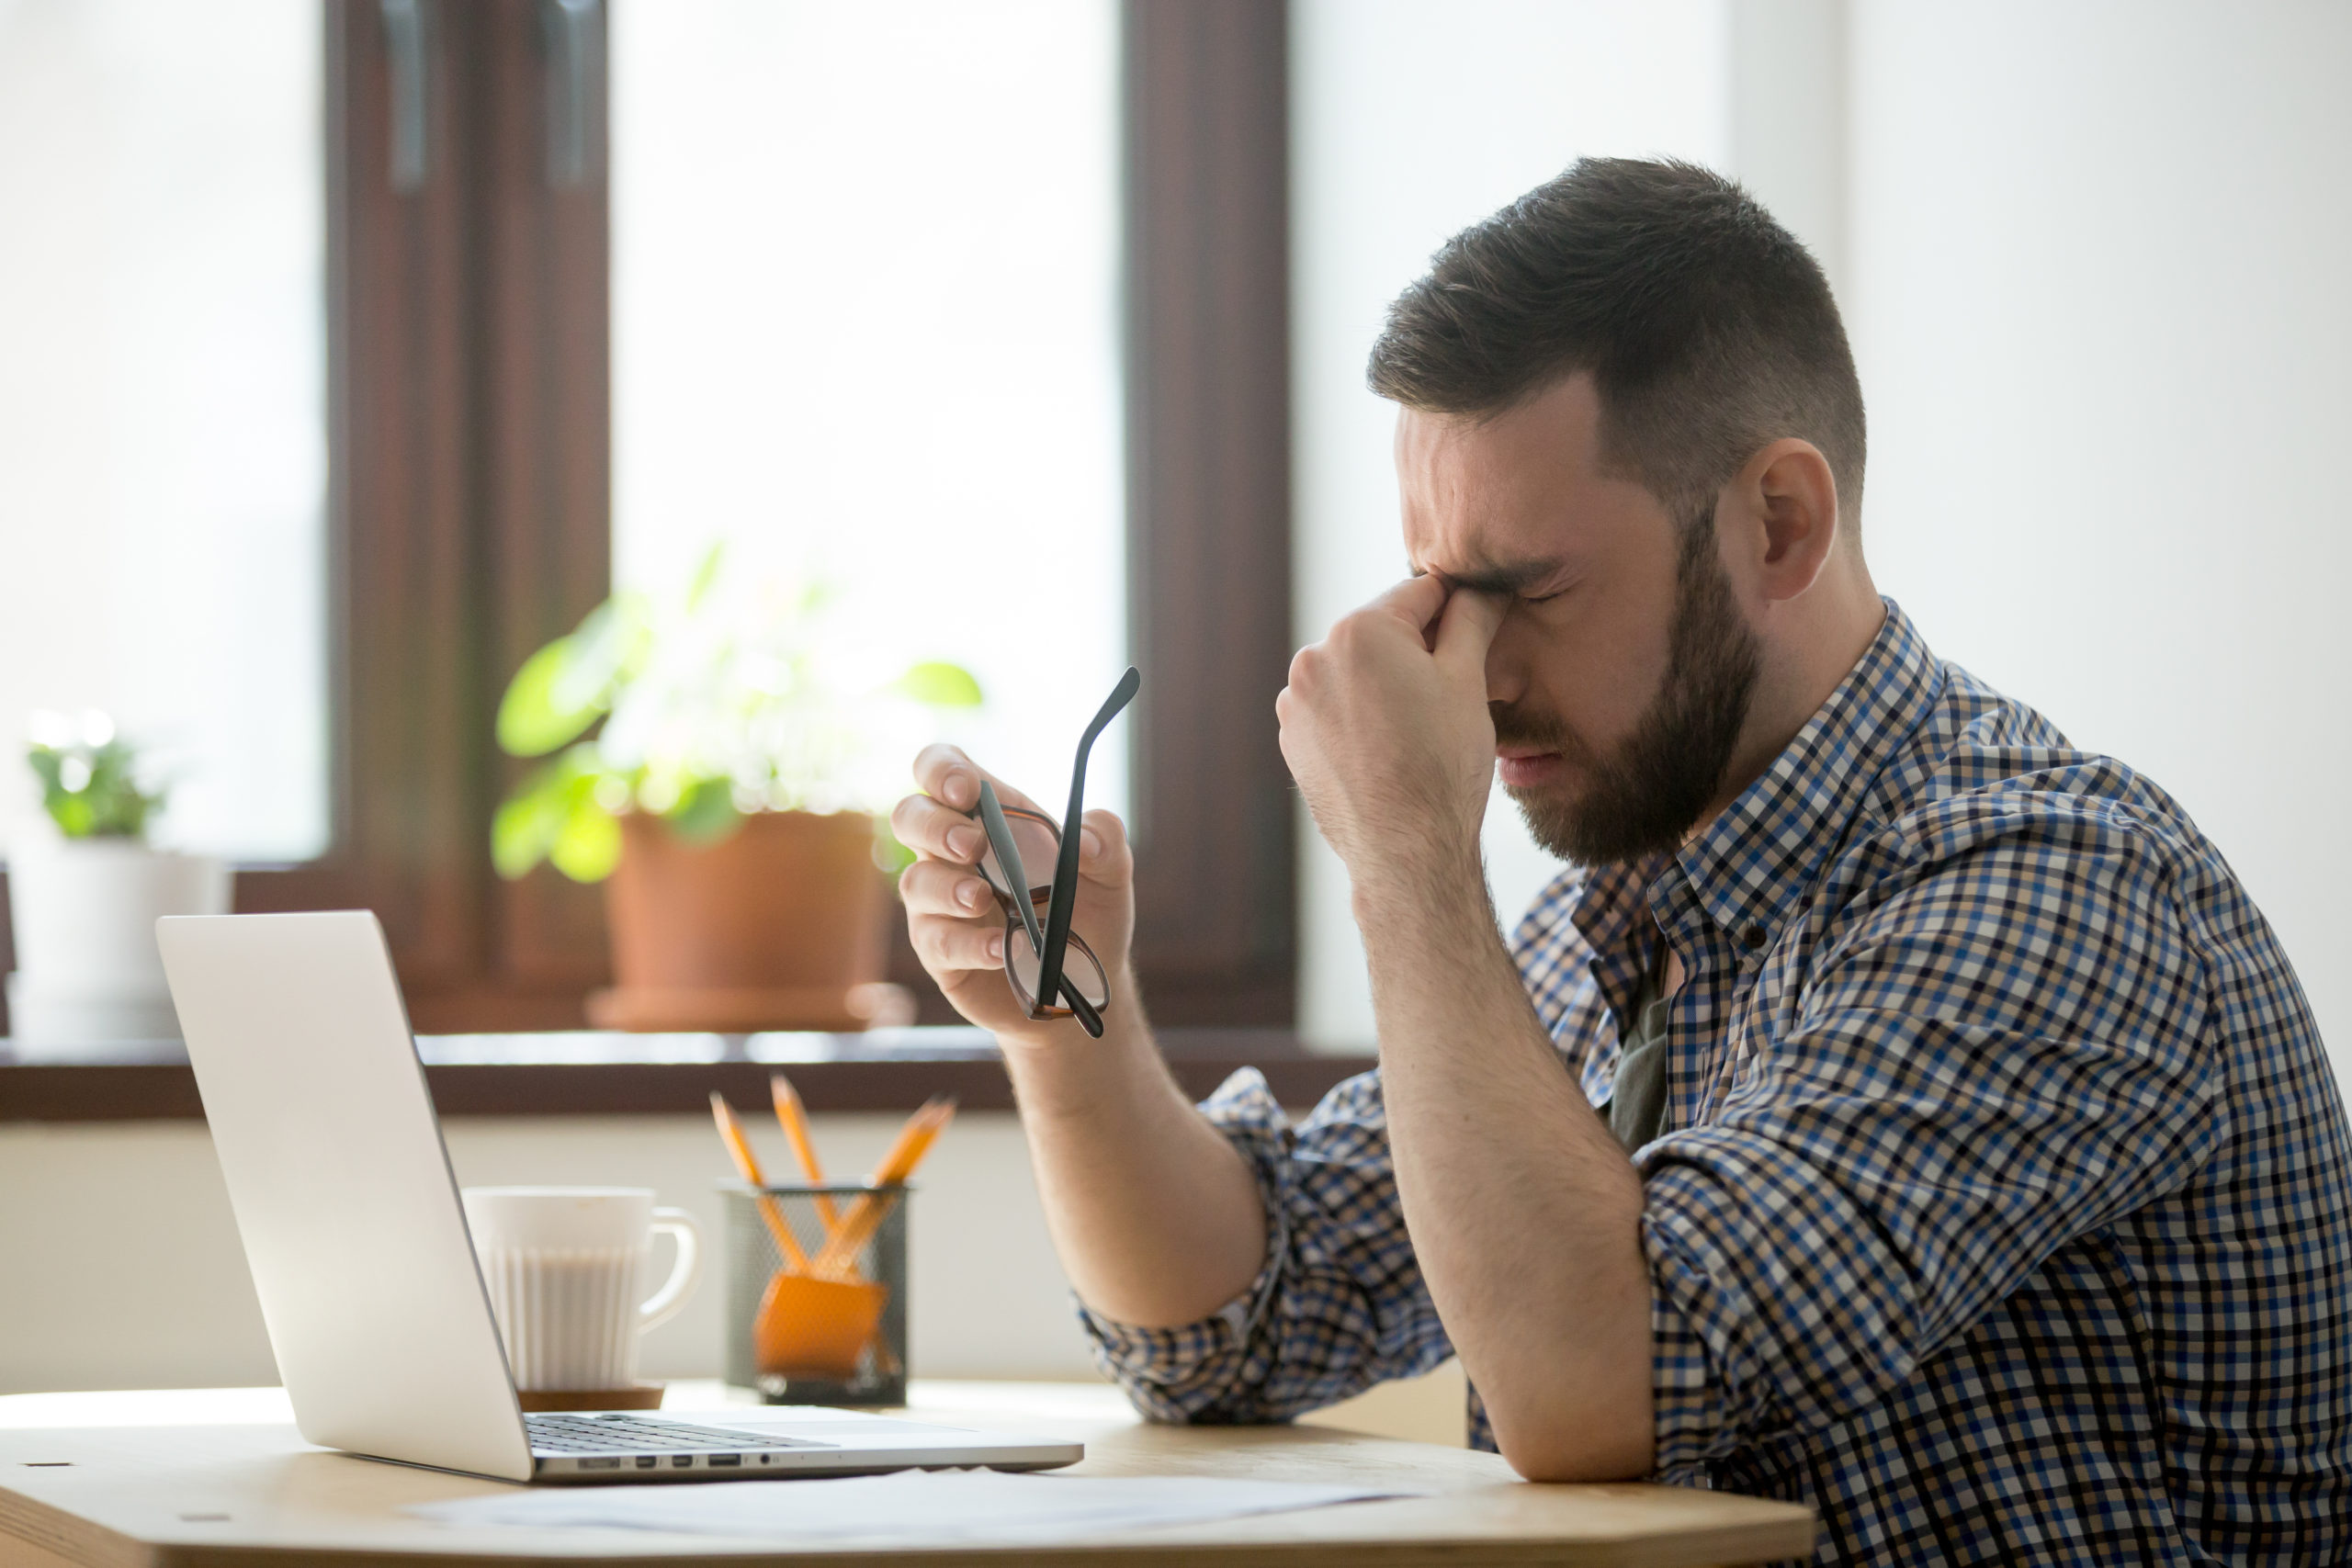 Homem em frente ao computador tira os óculos e coloca mão nos olhos expressando cansaço